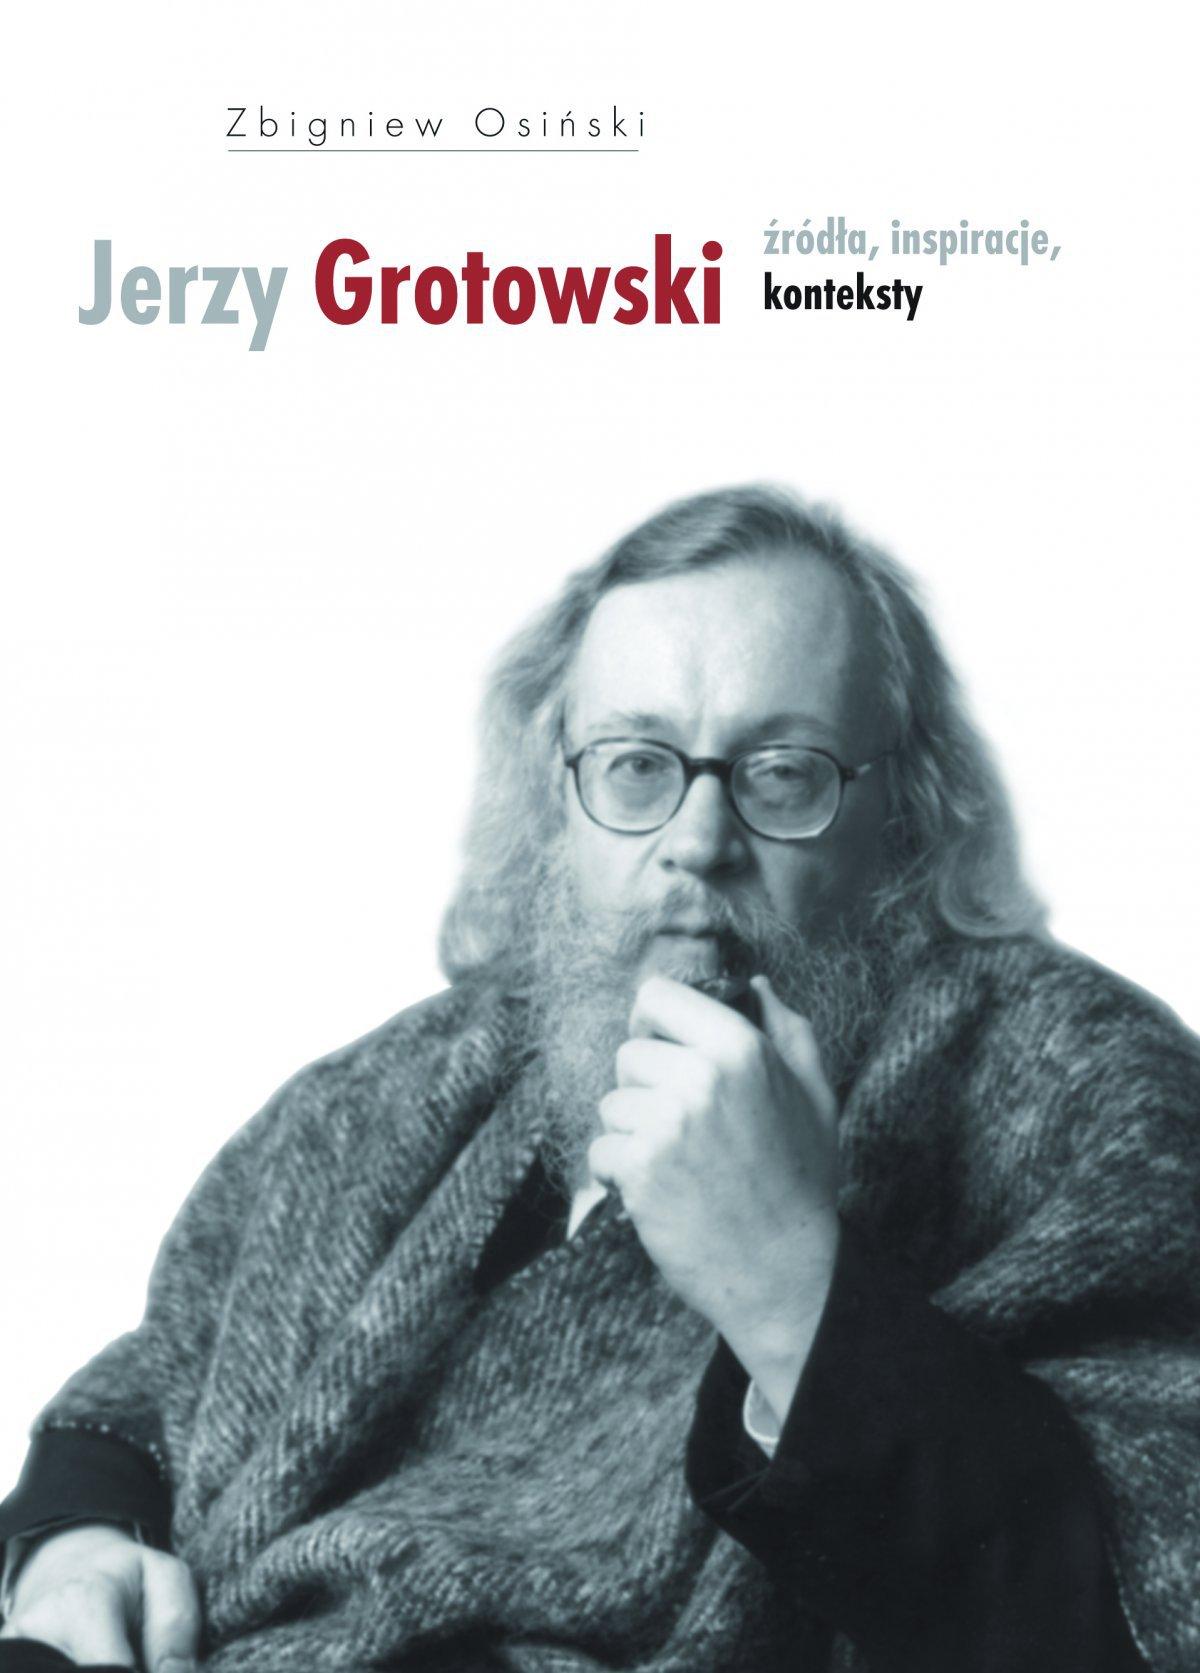 Jerzy Grotowski. Tom 1: Źródła, inspiracje, konteksty - Ebook (Książka EPUB) do pobrania w formacie EPUB